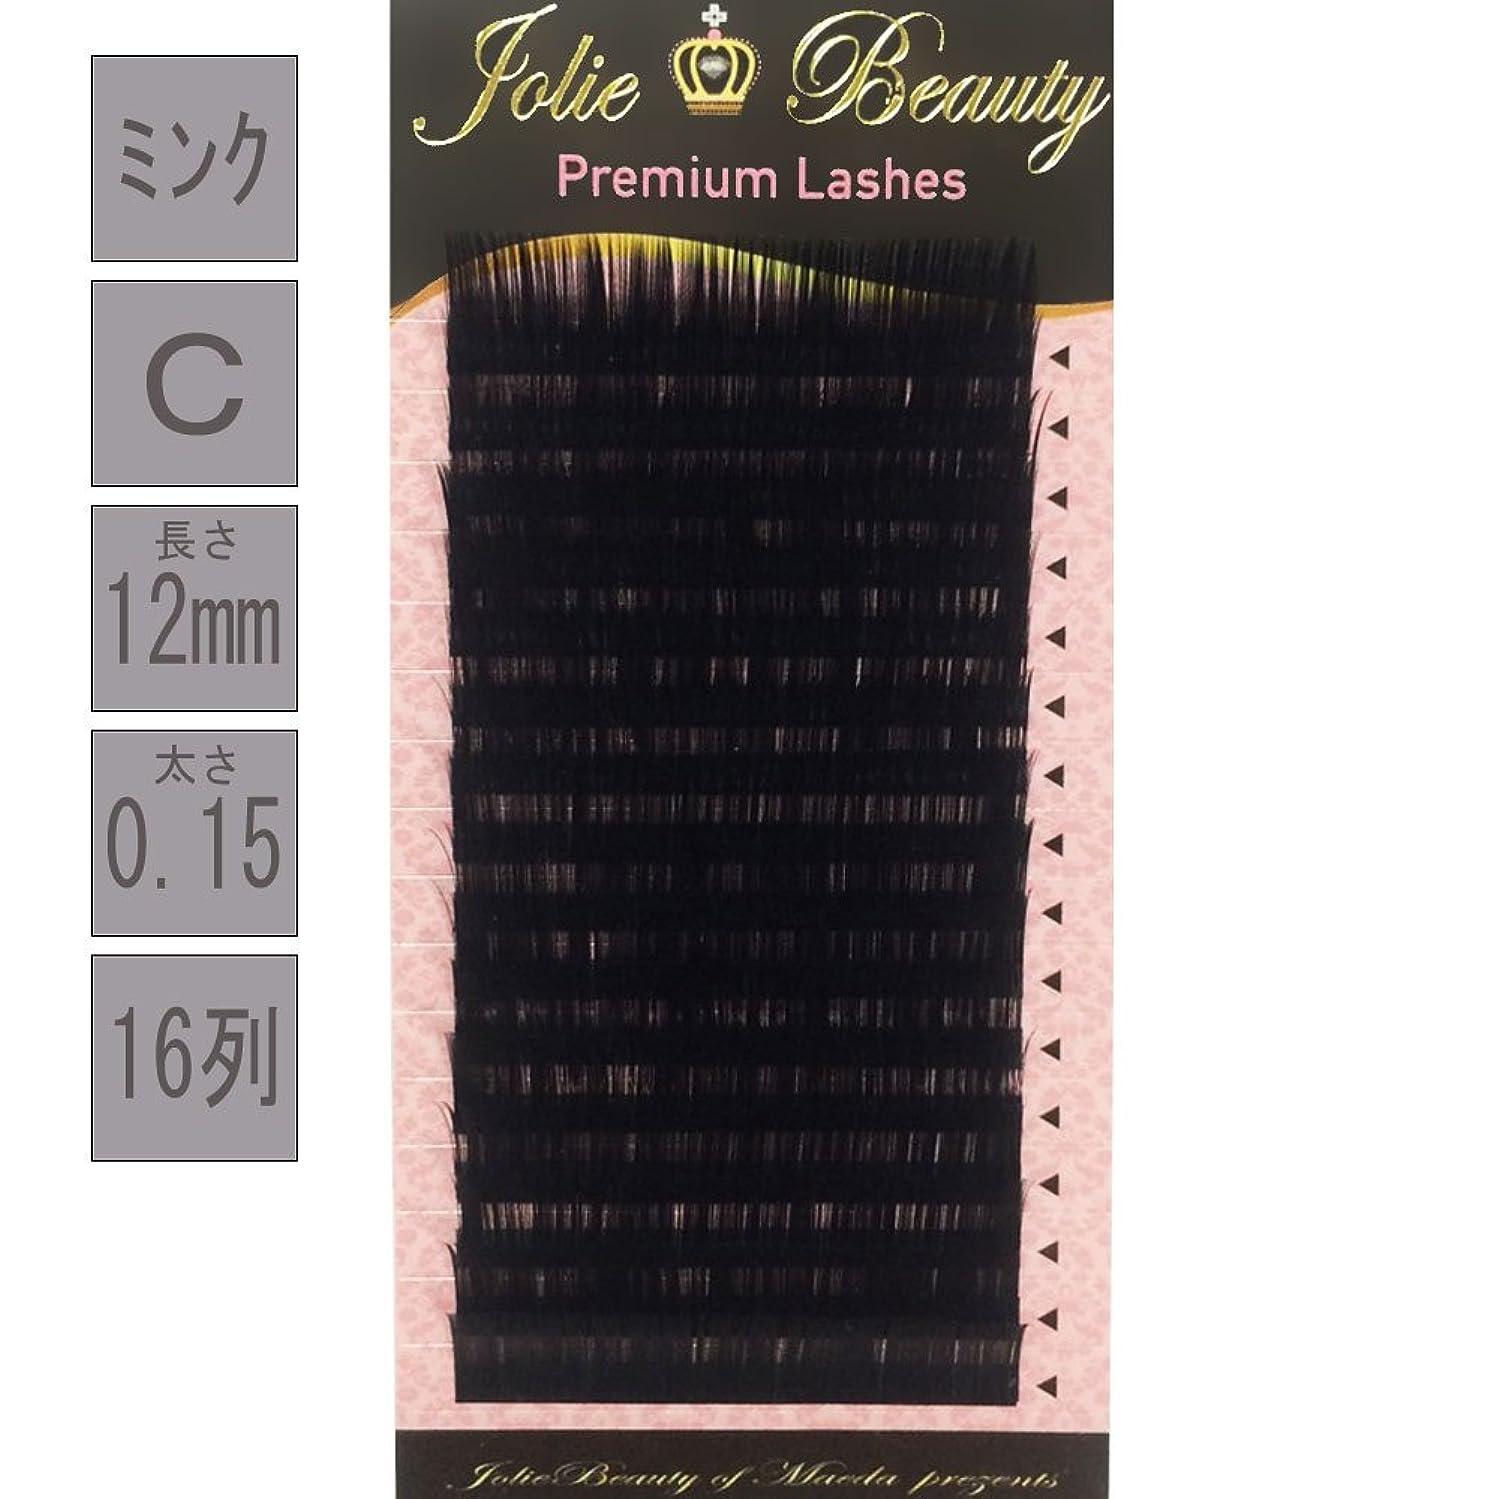 お尻ピジン広告主まつ毛 エクステ 長さ 12mm ( 12ミリ ) 太さ 0.10 0.15 0.18 0.20 0.25 MINK ( ミンク ) 原産国 韓国 (0.15, C) 16列